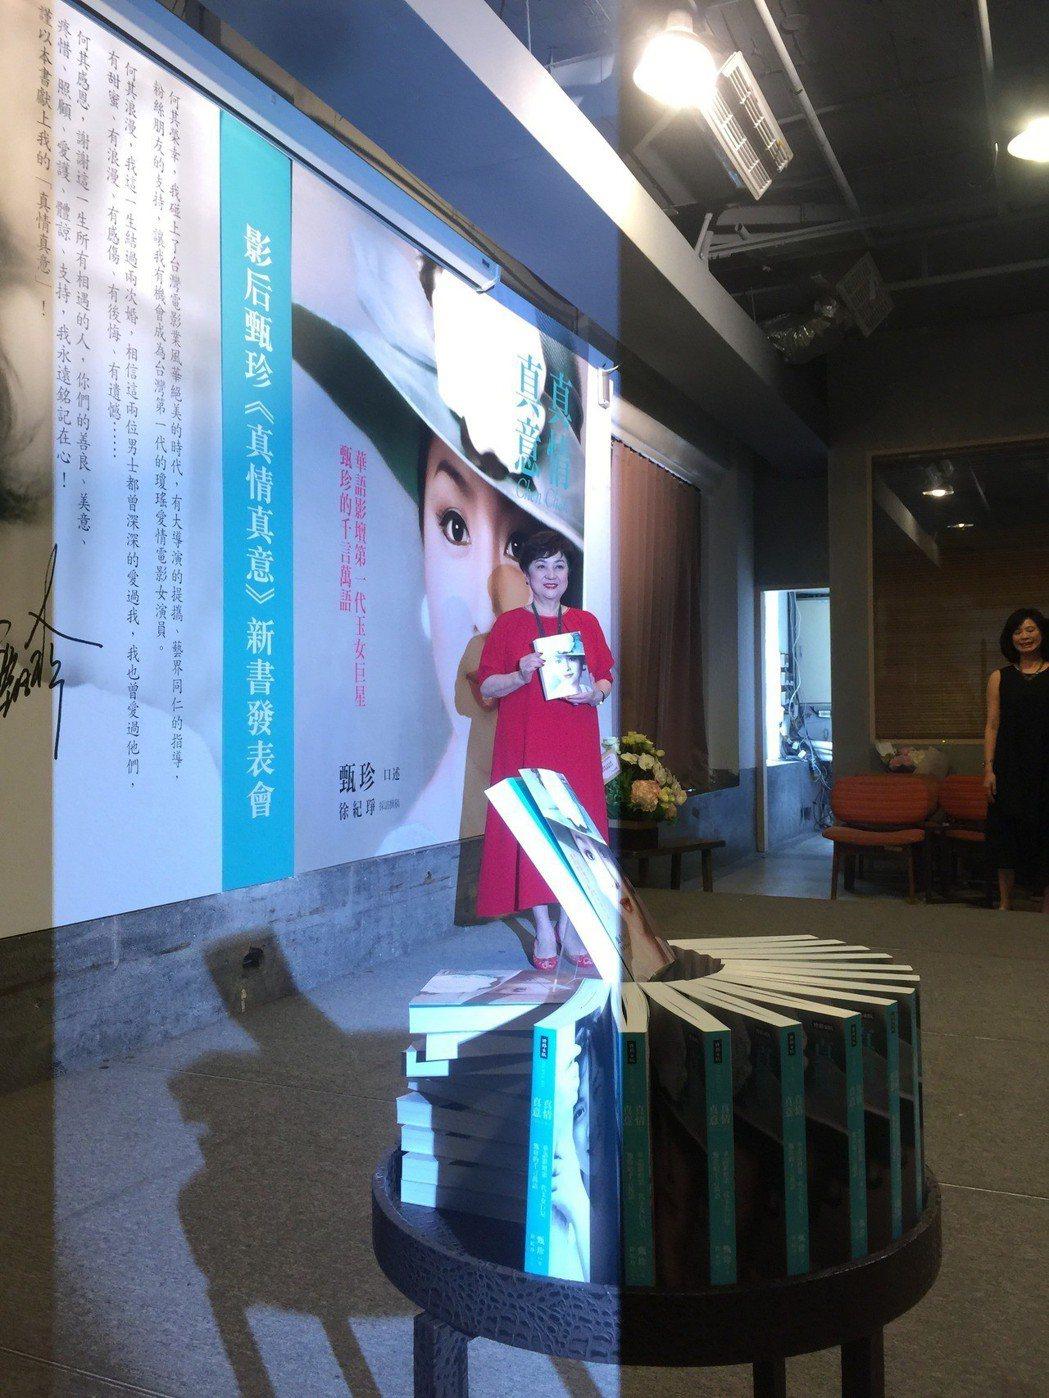 甄珍推出新書「真情真意」,回顧從影不凡人生。記者蘇詠智/攝影